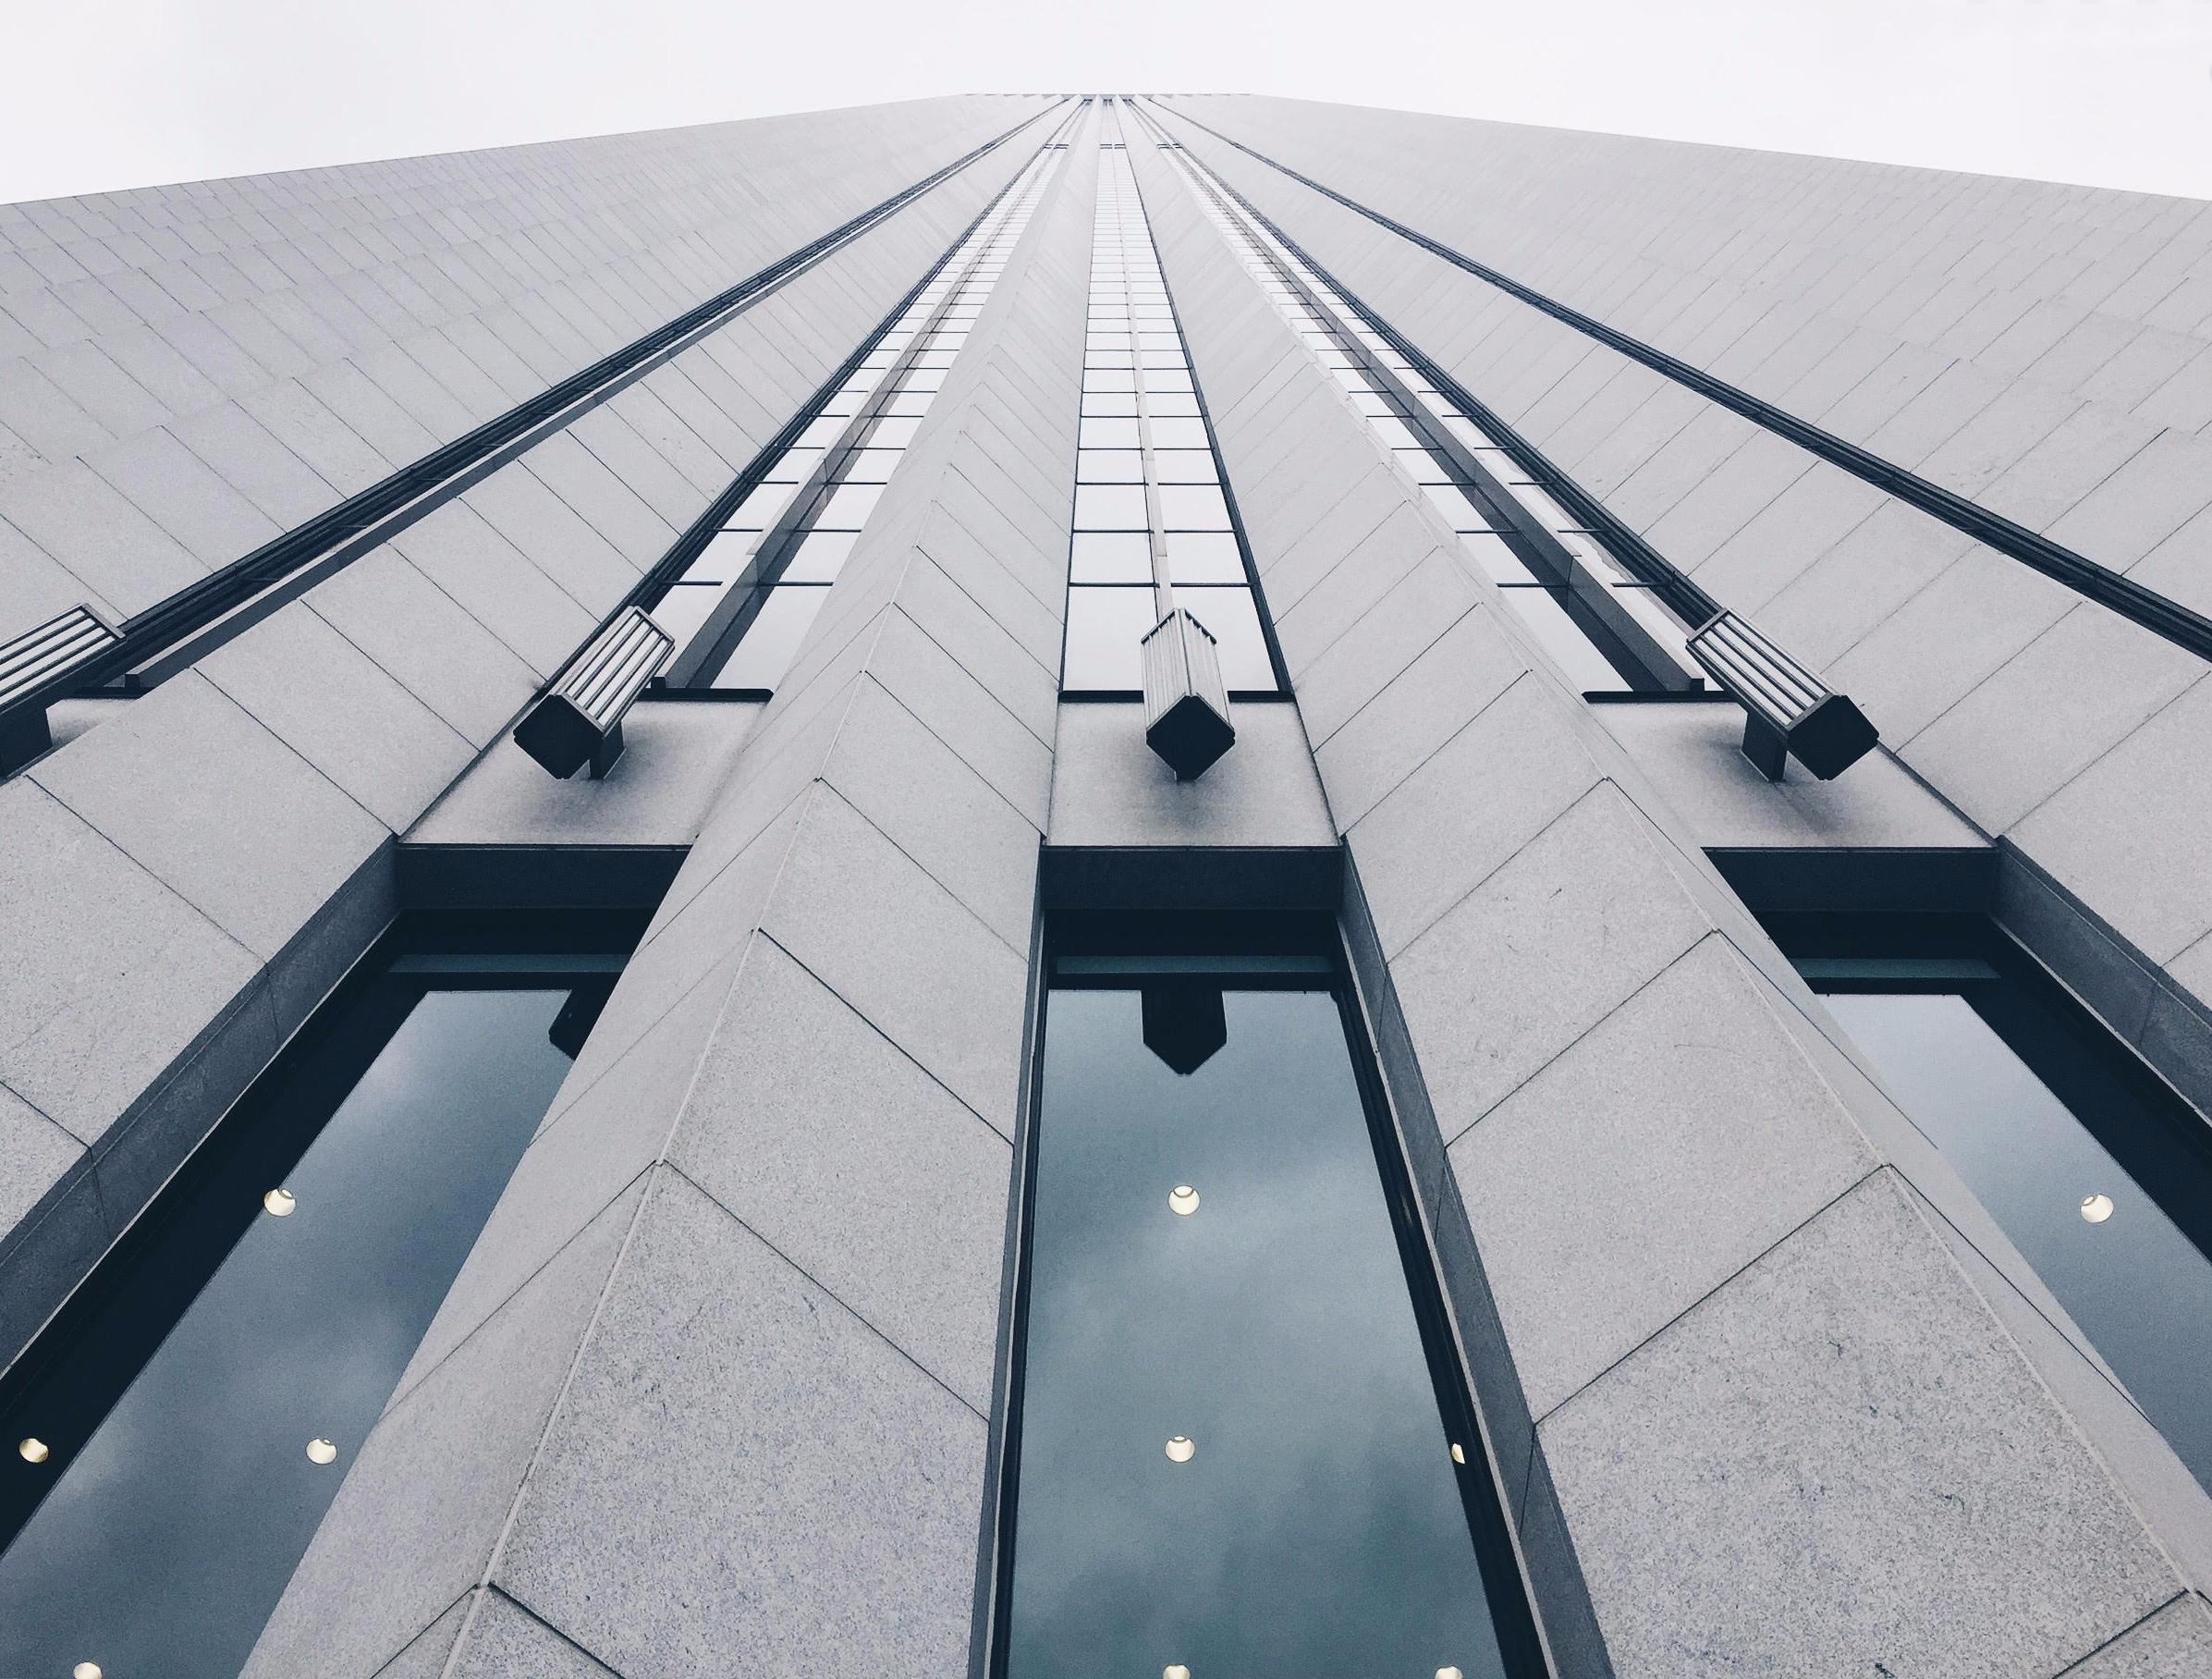 AON building | Chicago - architecture - toriamia | ello